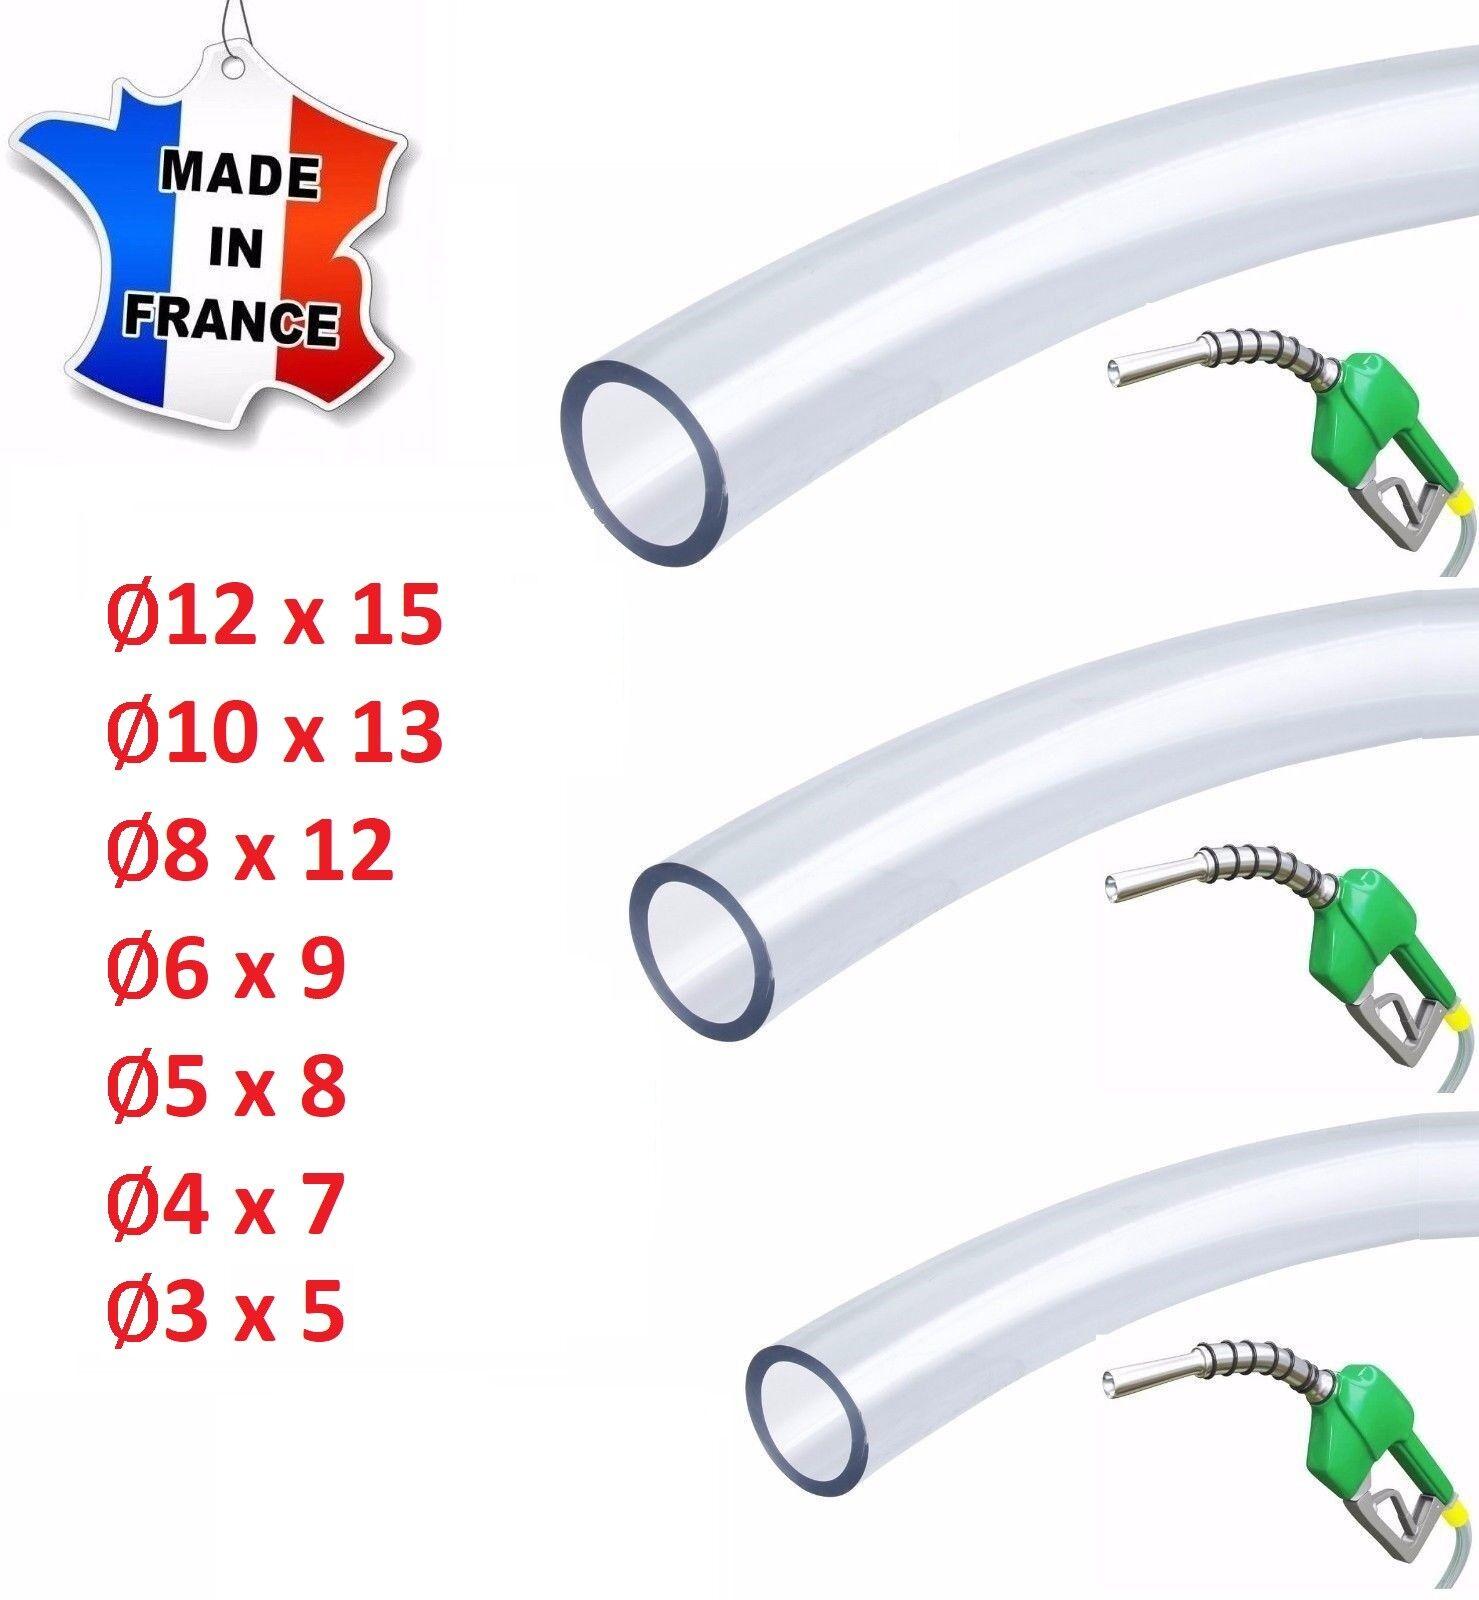 1m Kraftstoffschlauch Schlauch Druckschlauch 3,2//4//5//6//7//8//10mm Diesel Öl Benzin